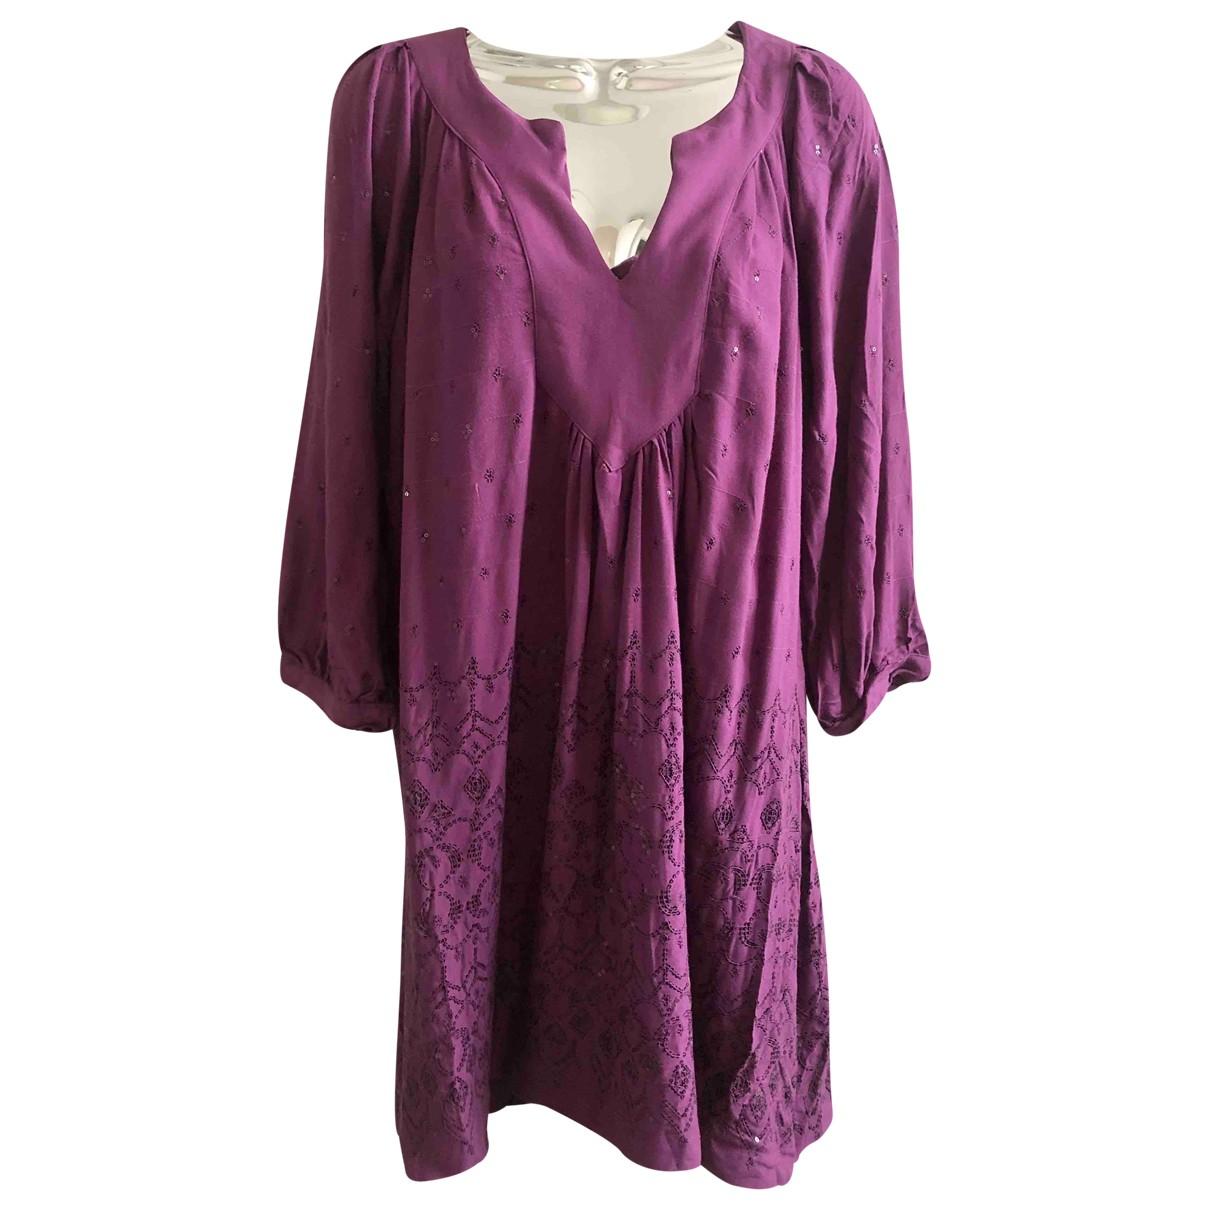 Scarlett Roos N Purple Cotton  top for Women 1 0-5